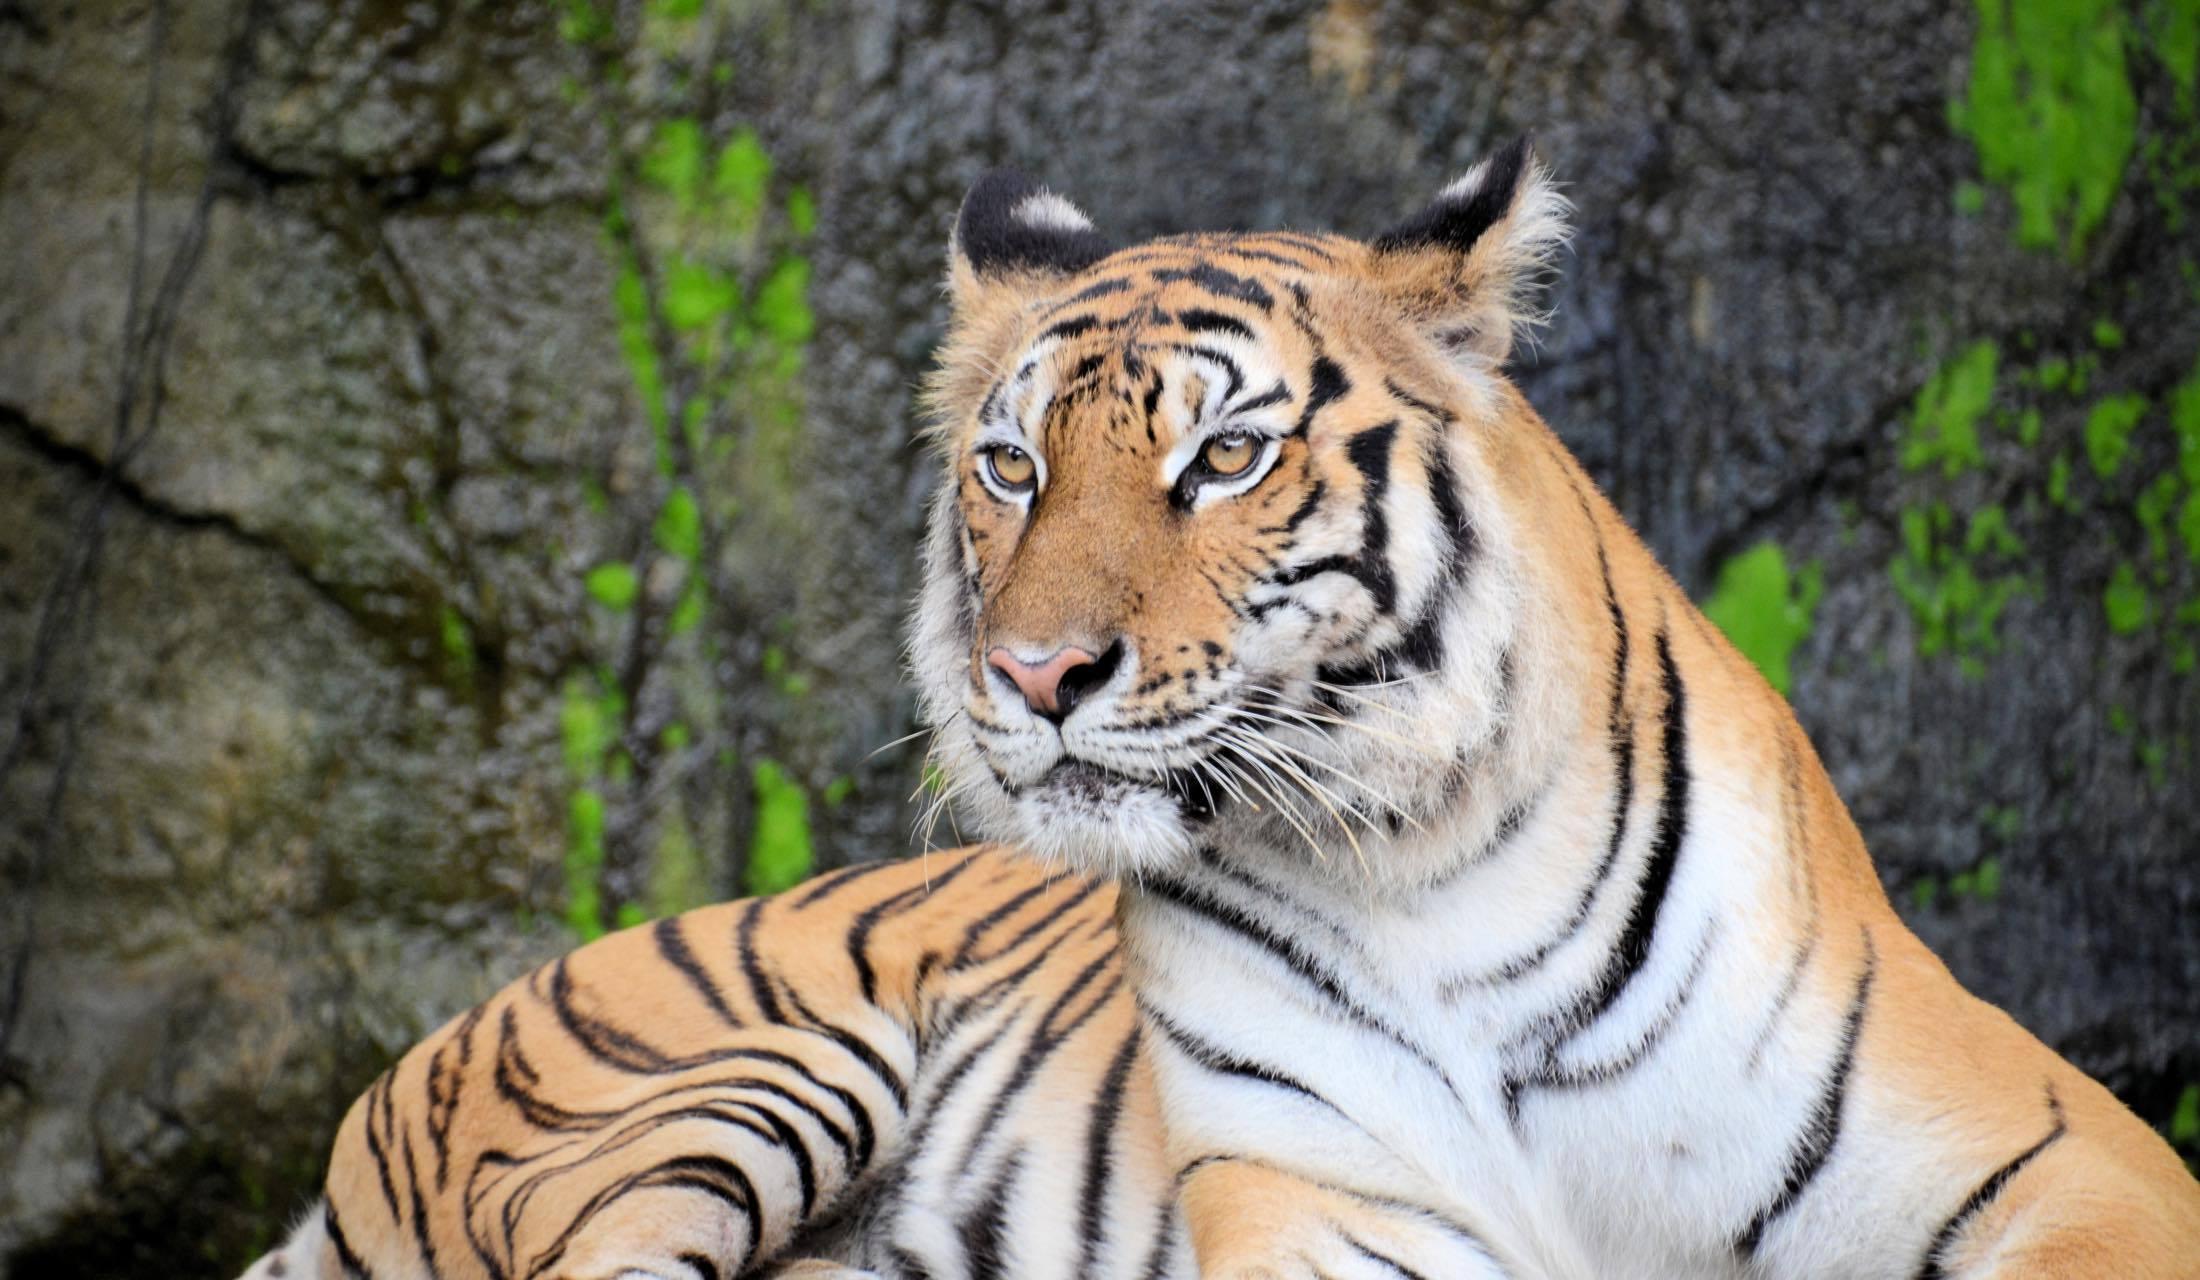 威嚇する虎